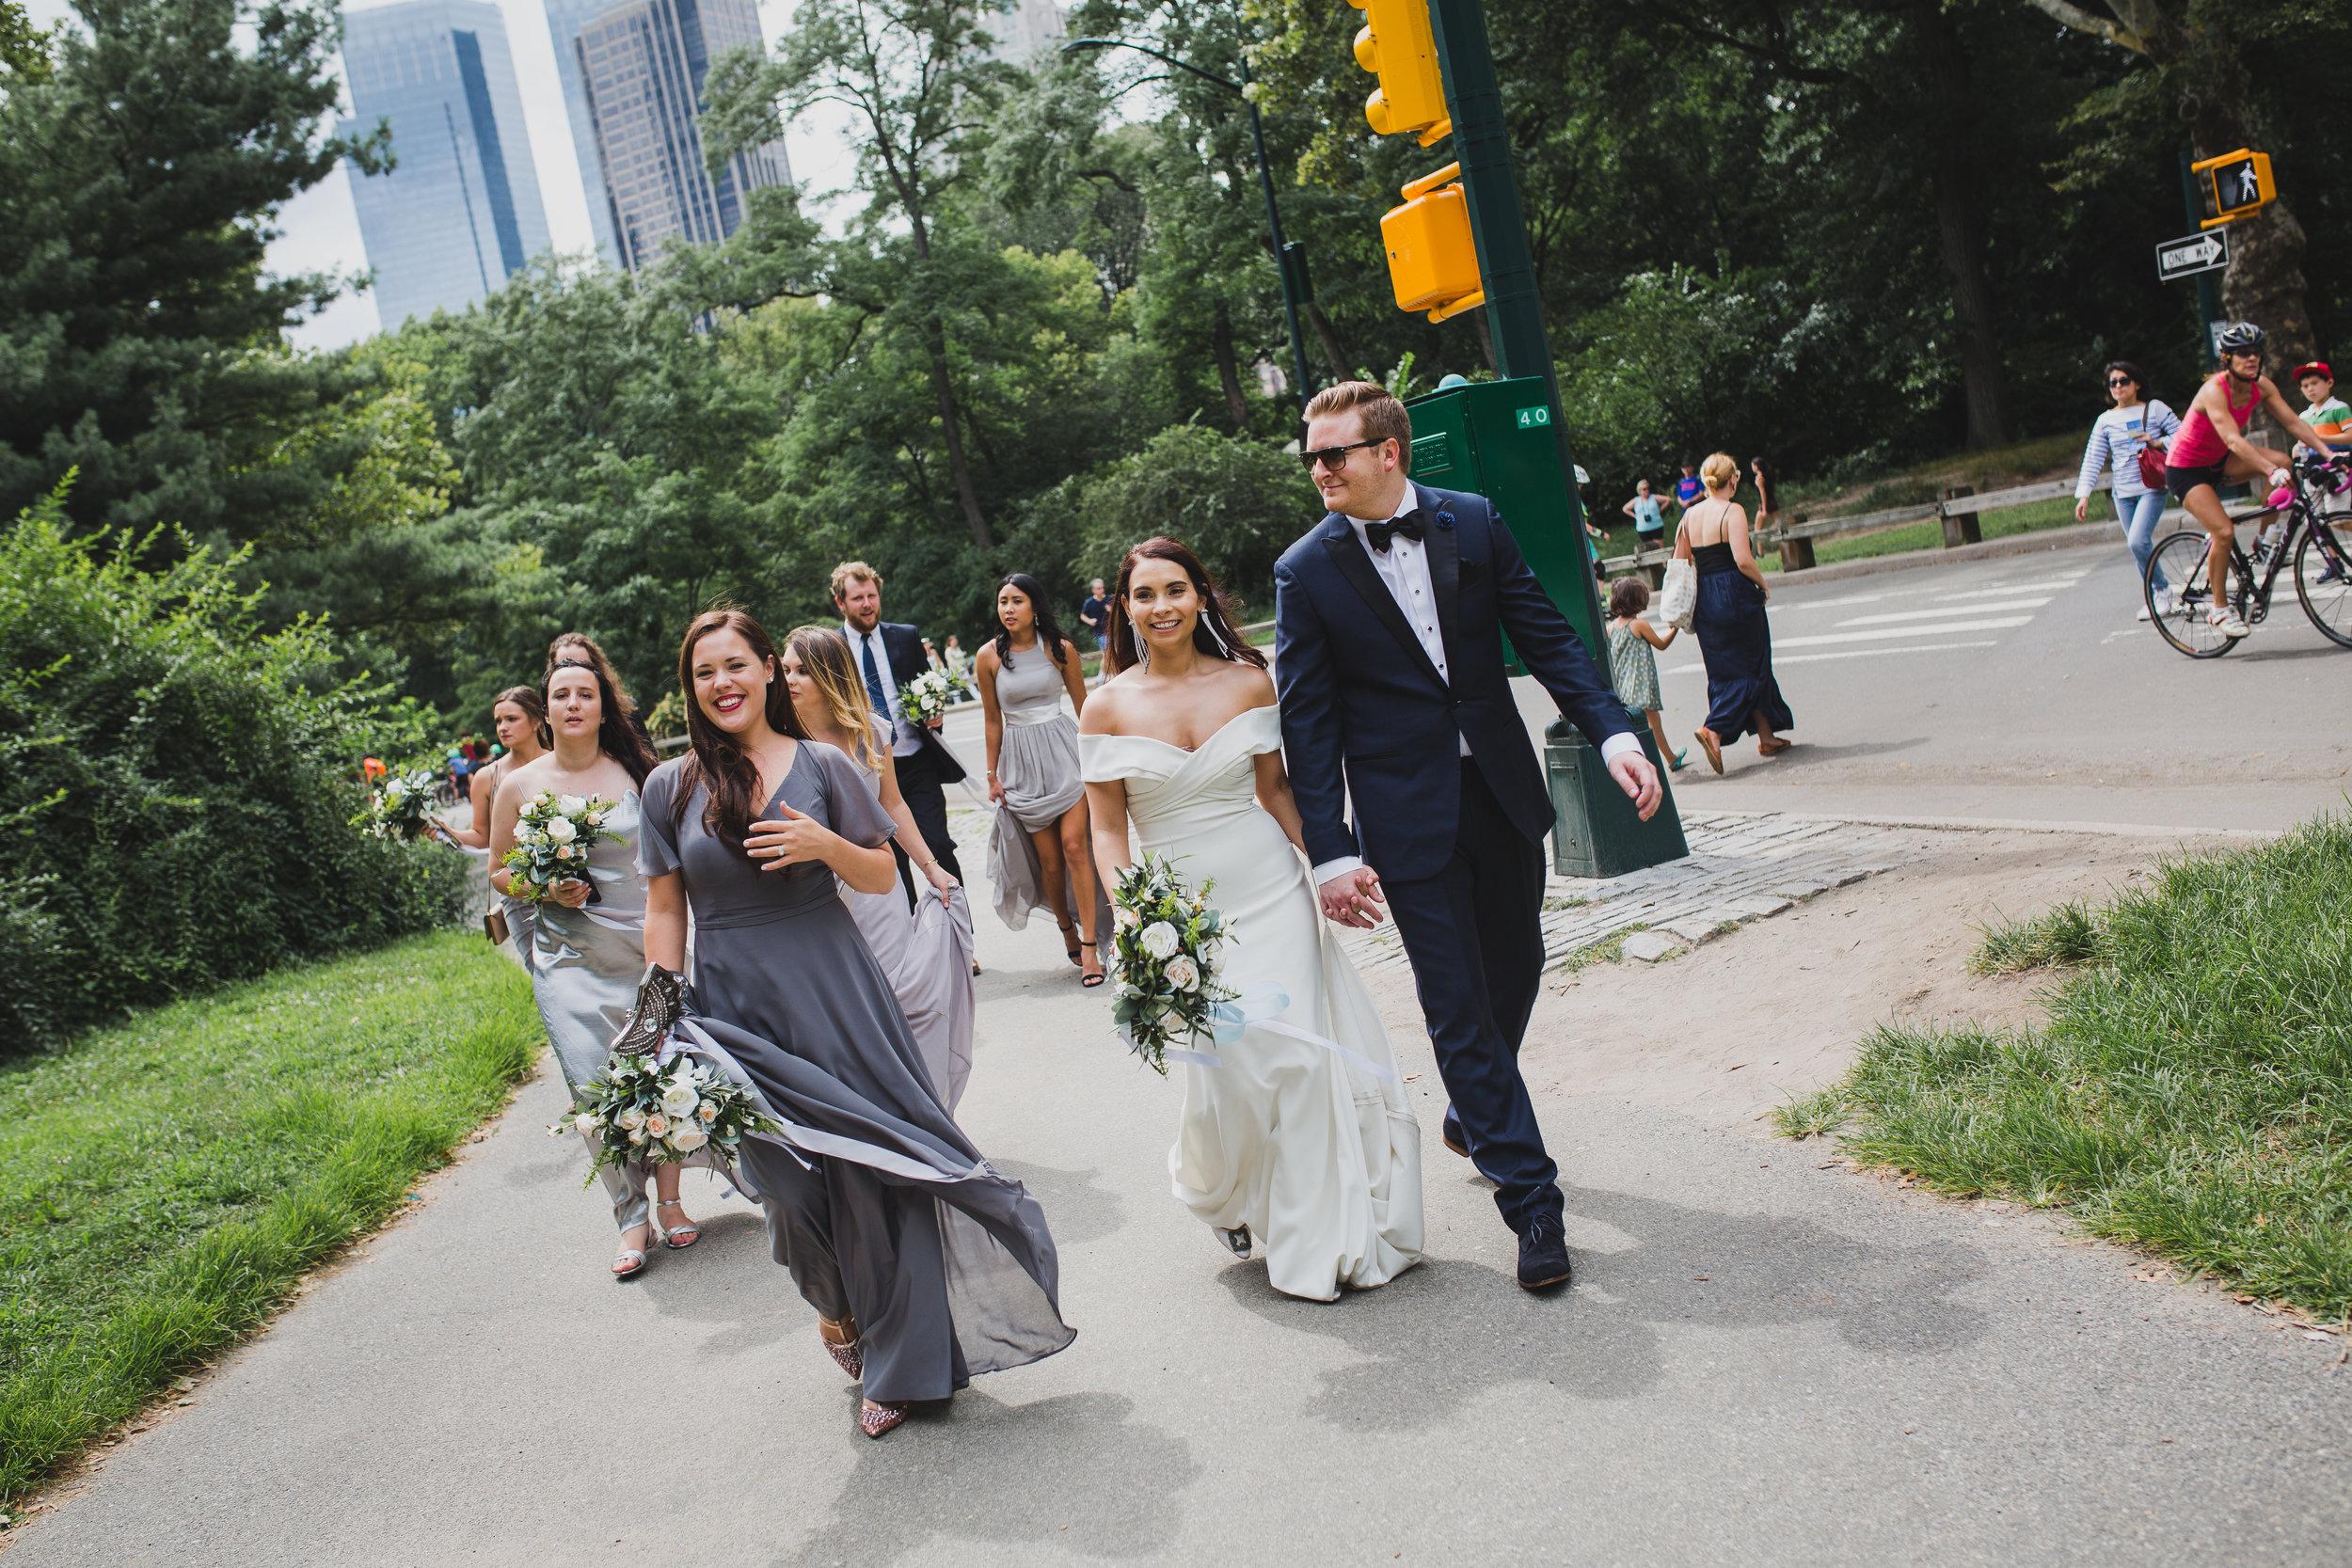 Weddings by Hanel -7.21.18 Samantha  CJ Villa Nuits Wedding-498.jpg